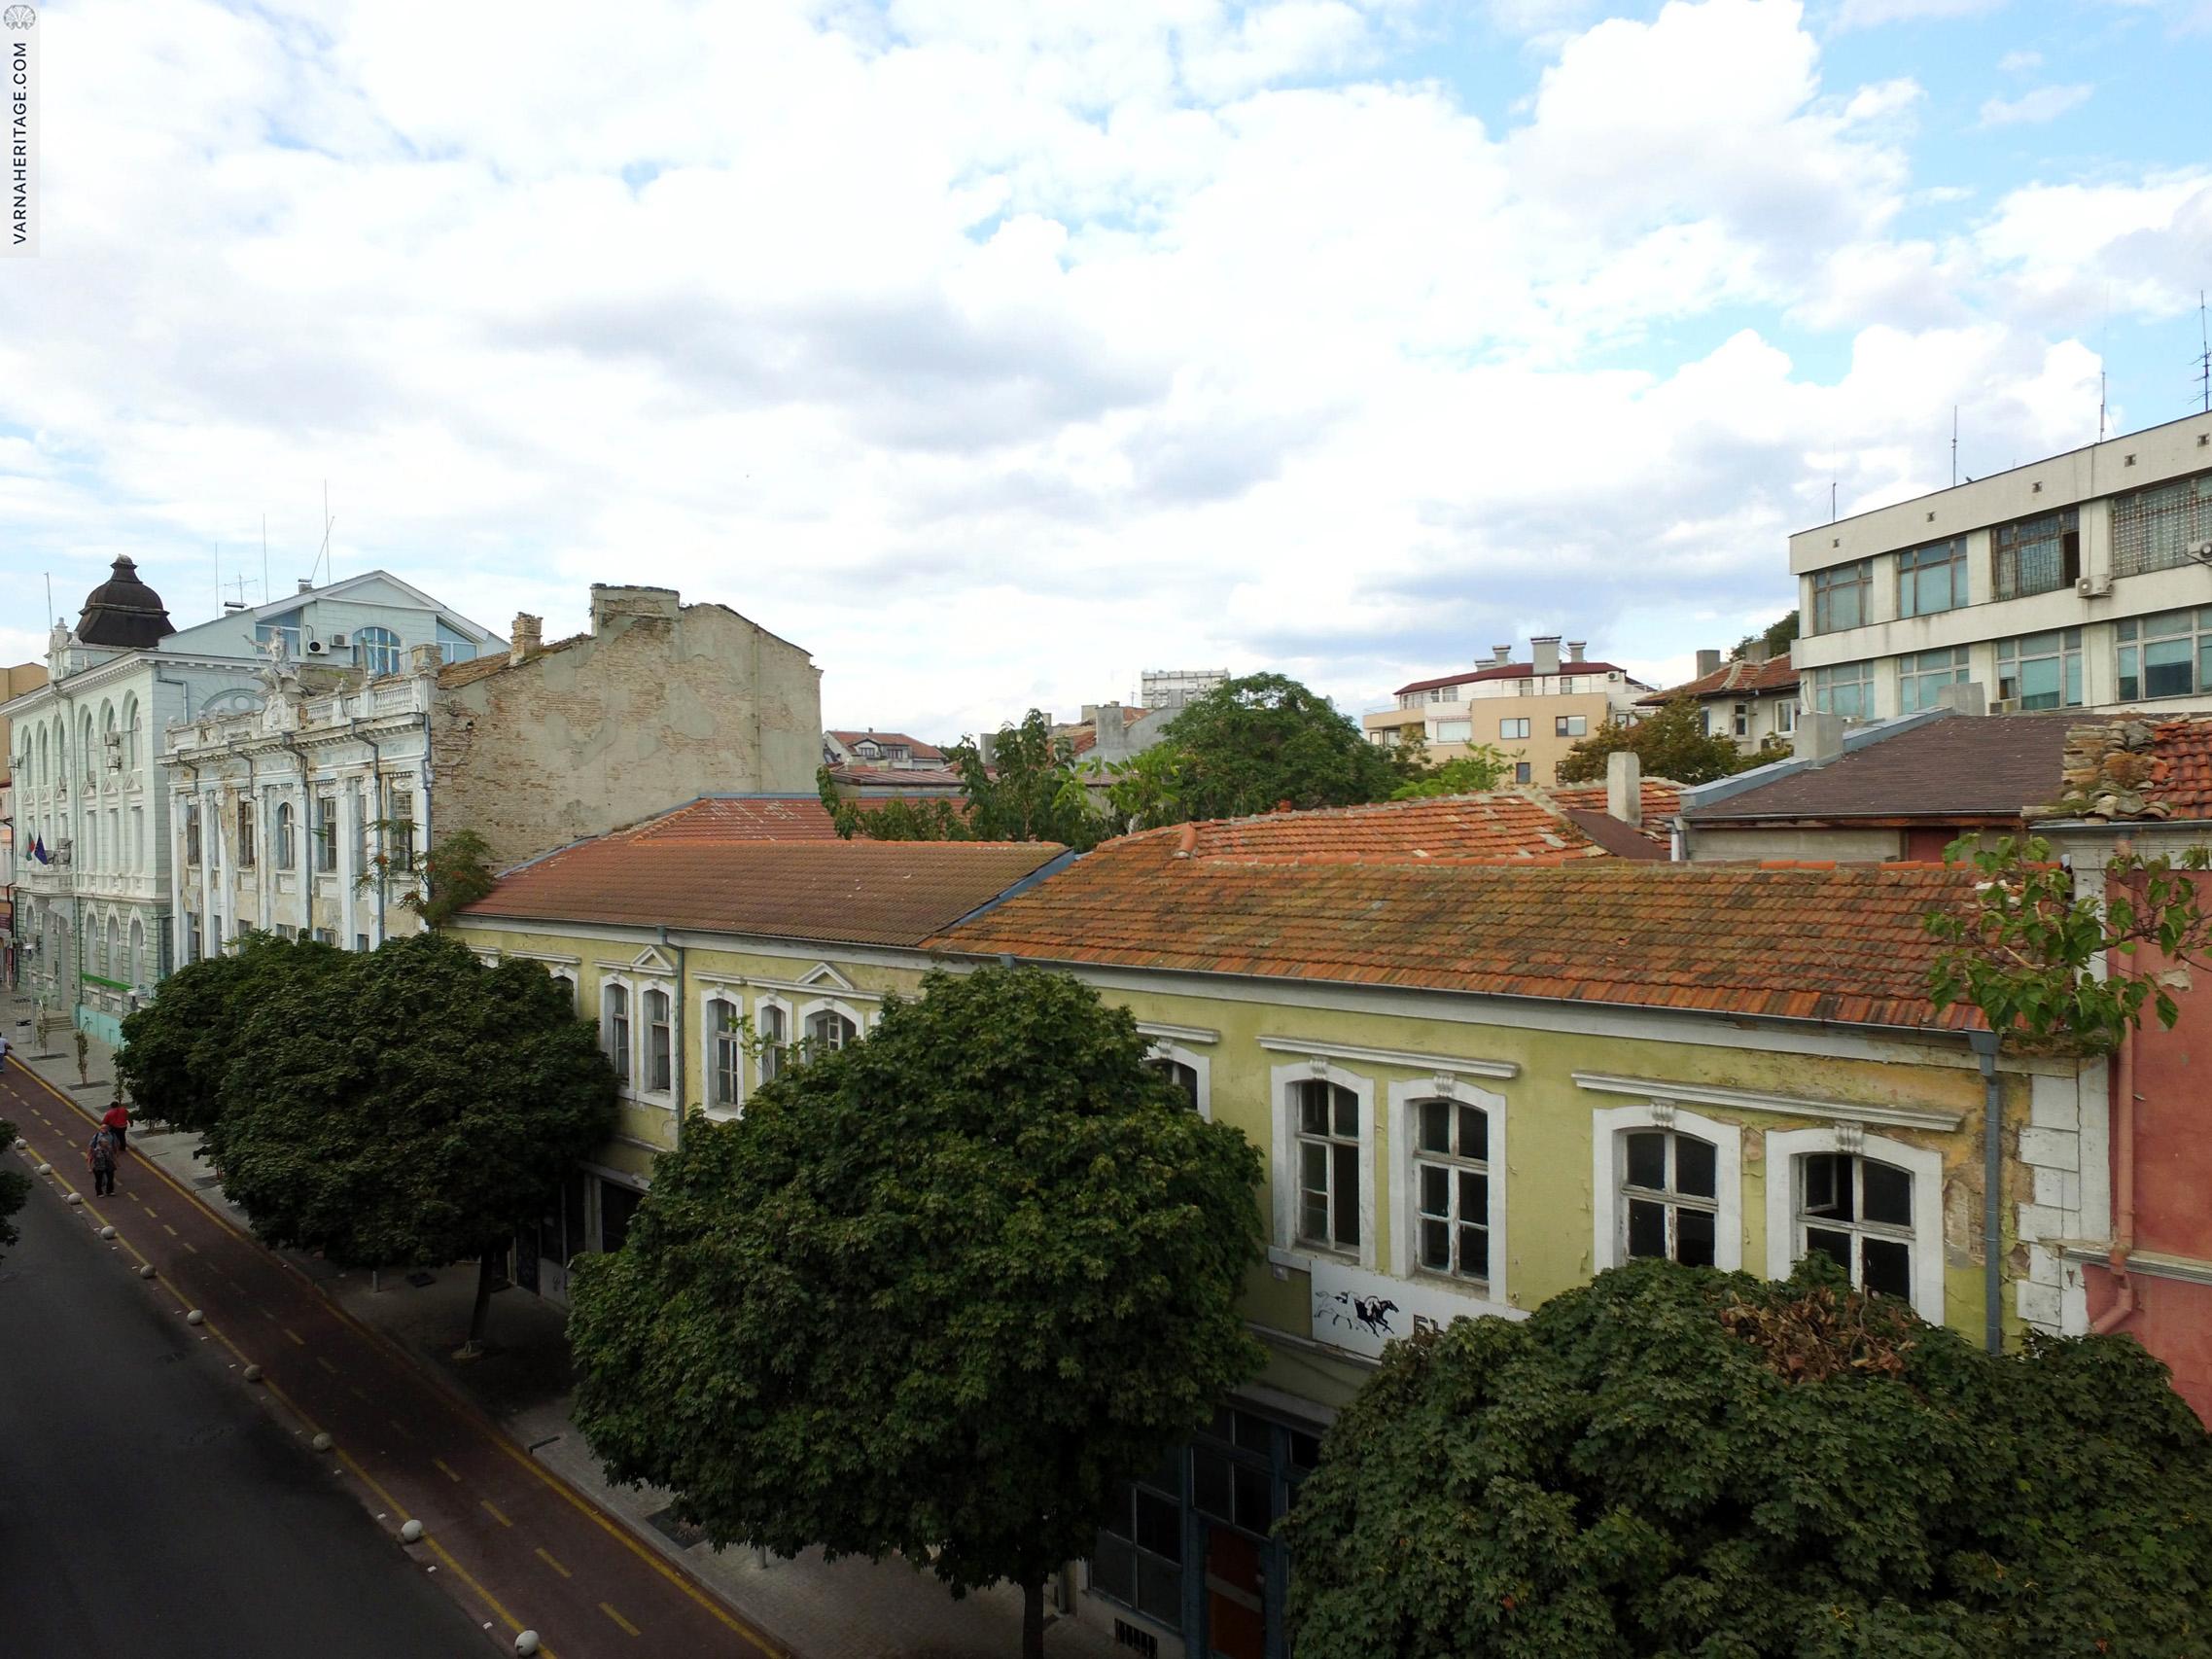 Снимка 5 - 2015 г.